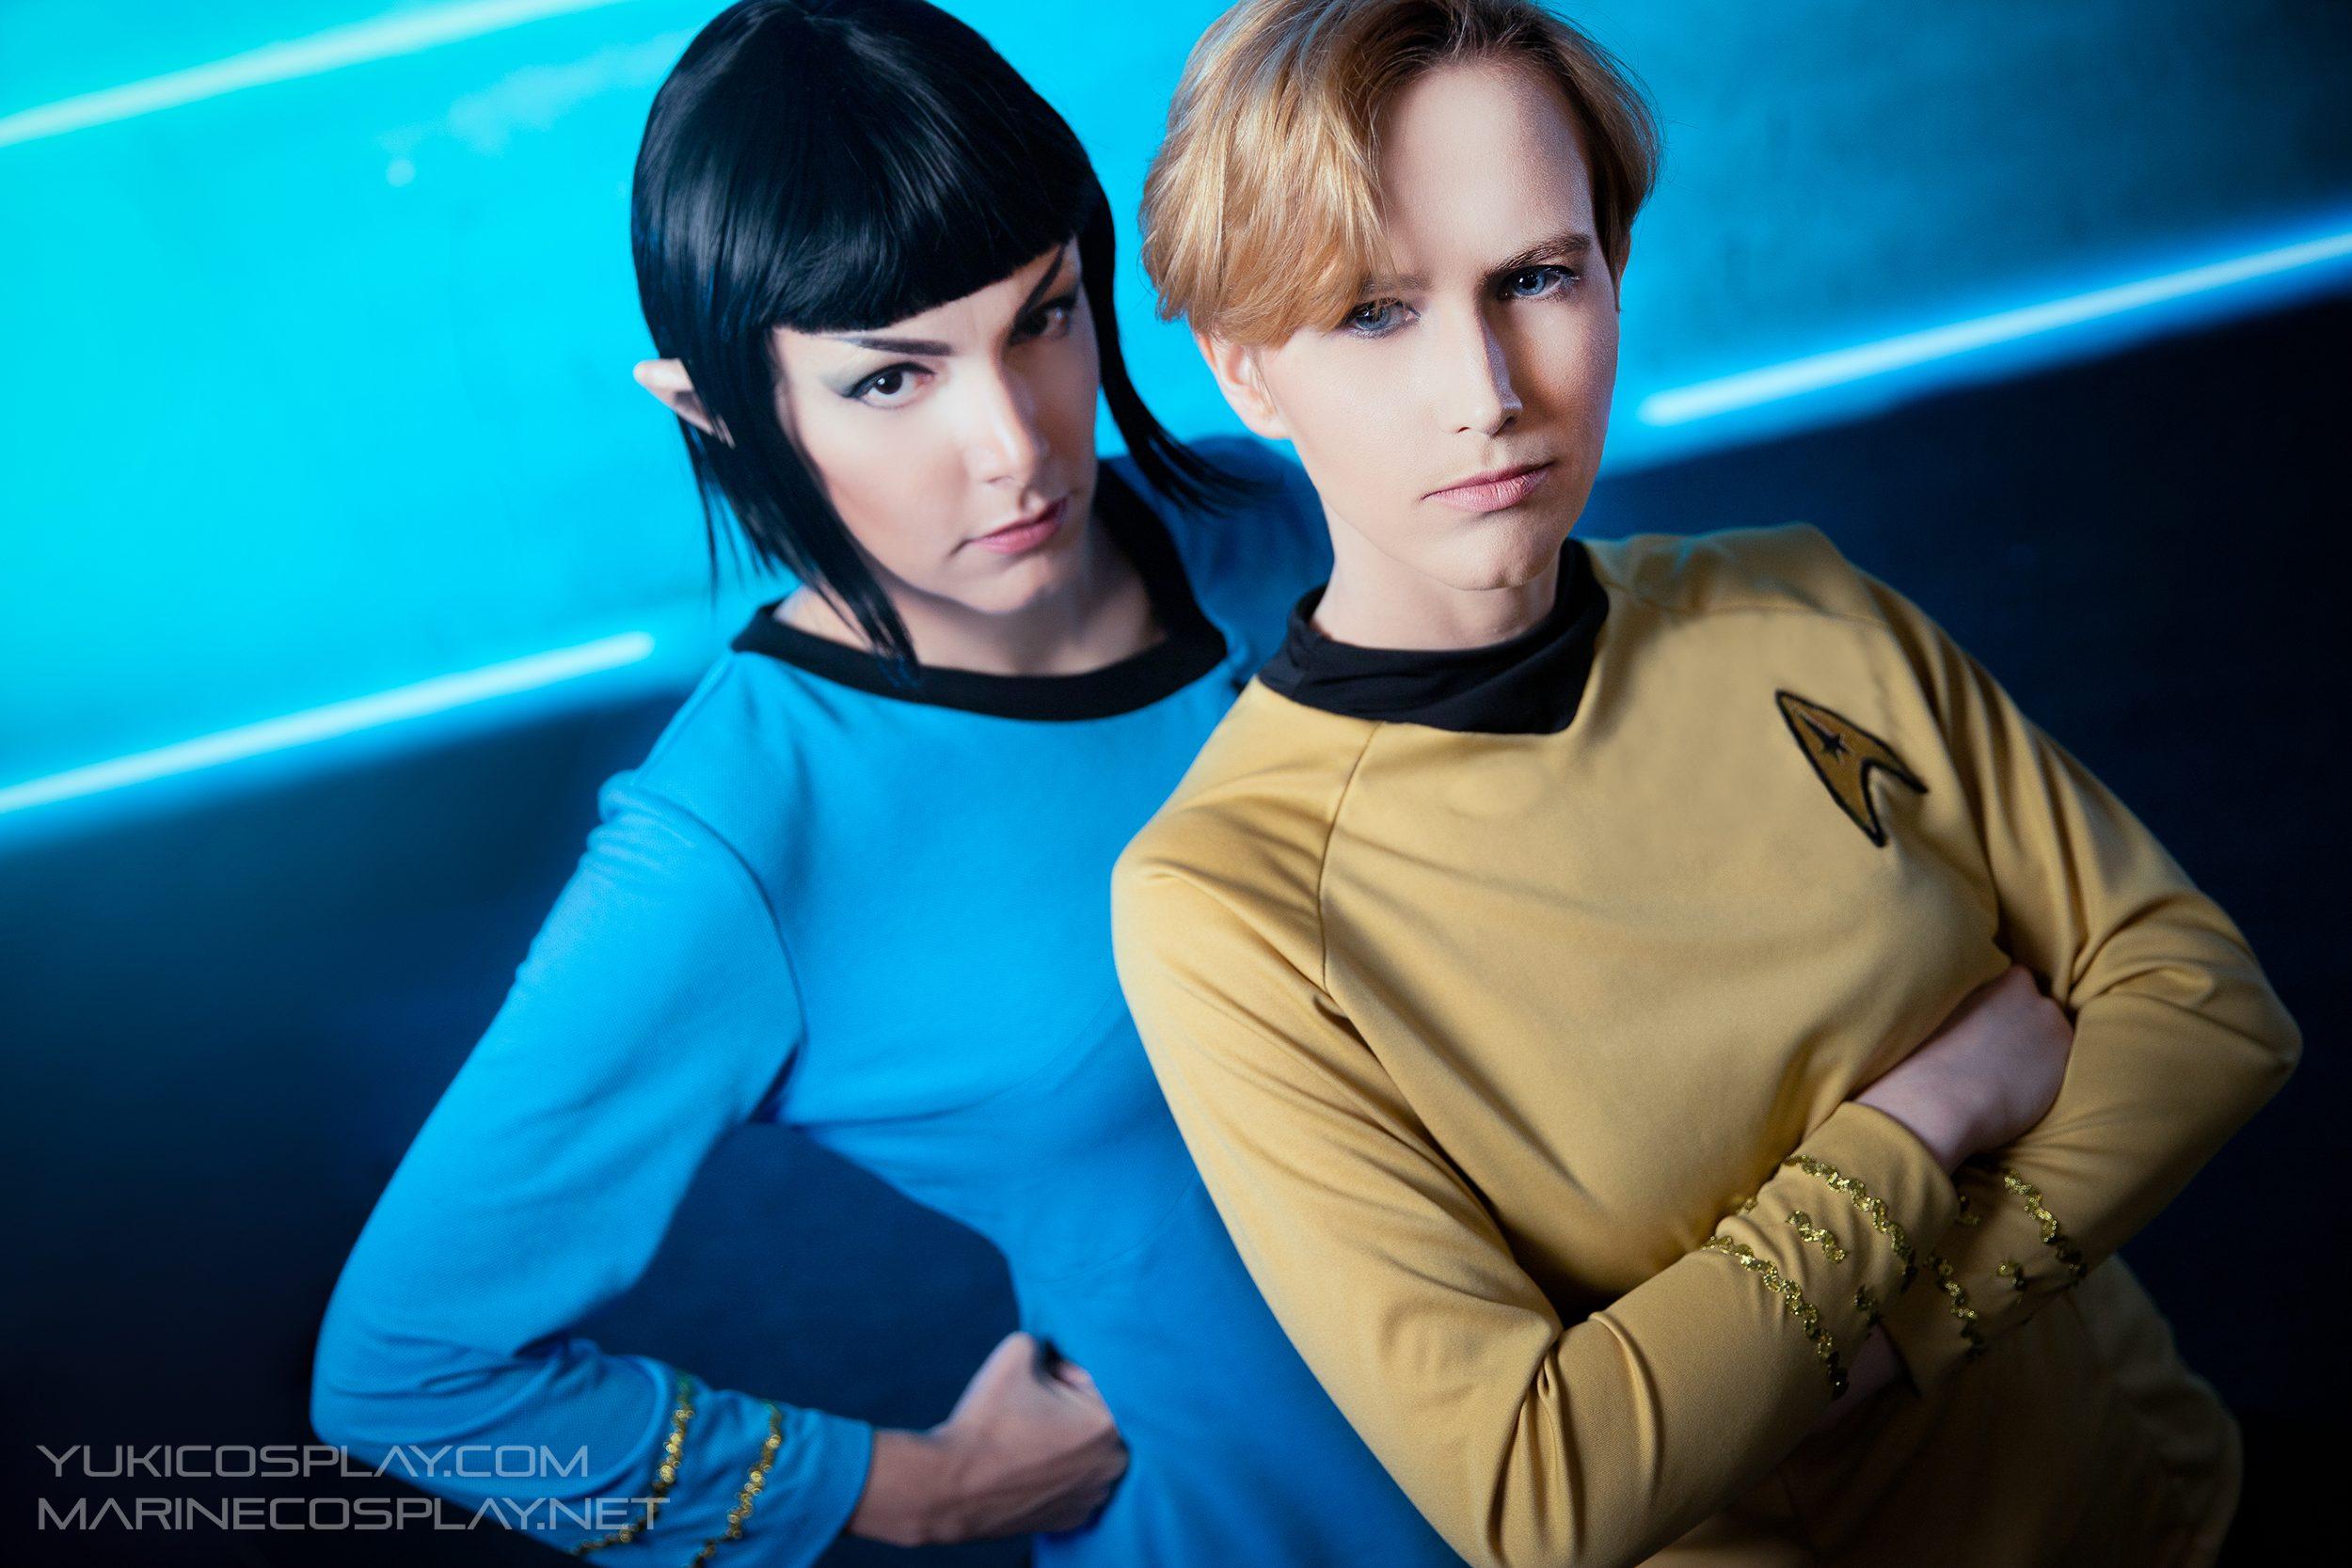 [PHOTOSHOOT][Star Trek] Female Spock and Kirk